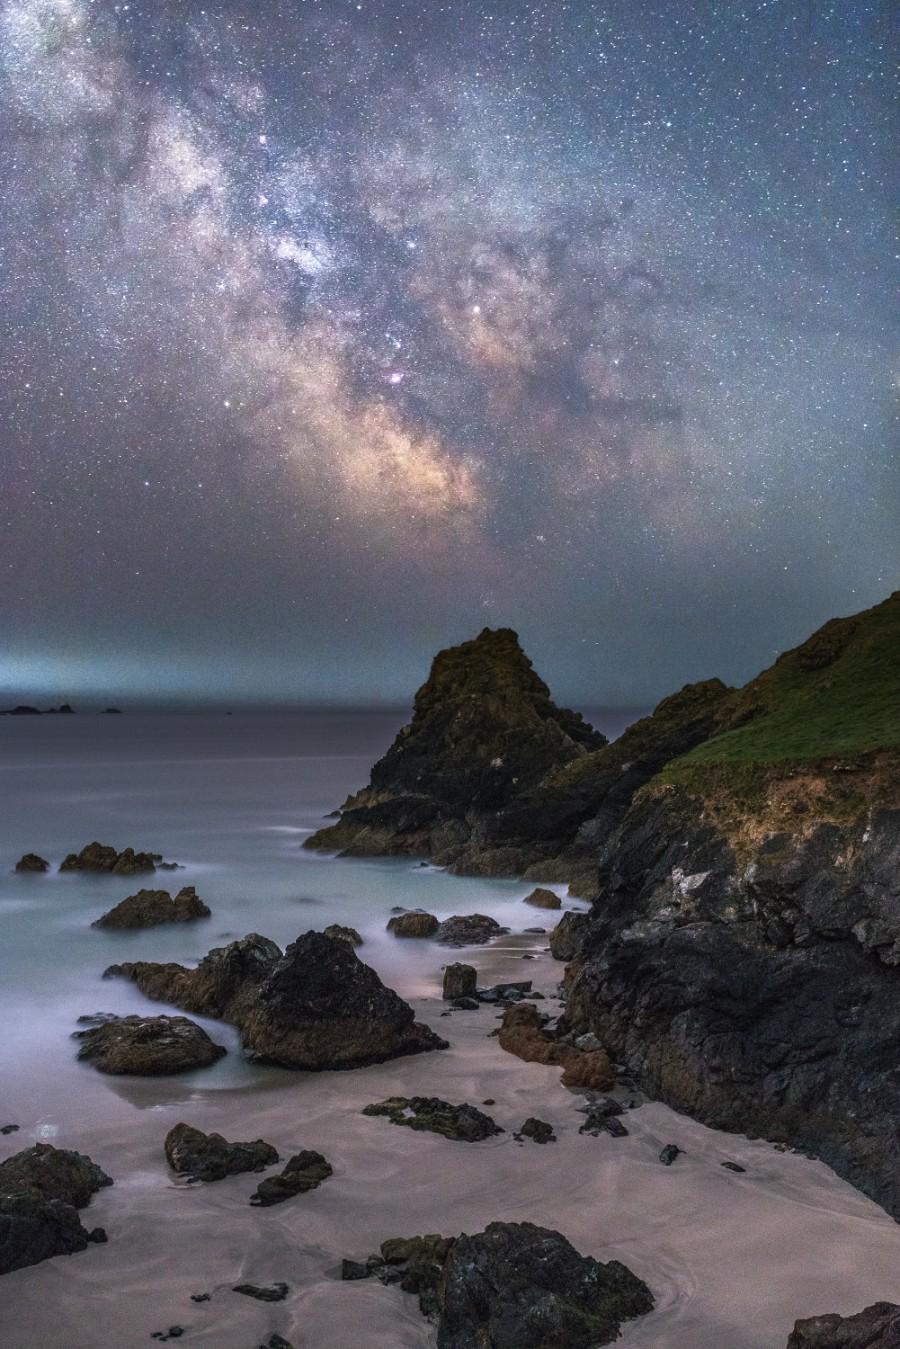 Лучшие астрономические фото года Лучшие астрономические фото года S32688 Kynance 20cove 20by 20night 20 C2 A9 20Ainsley 20Bennett